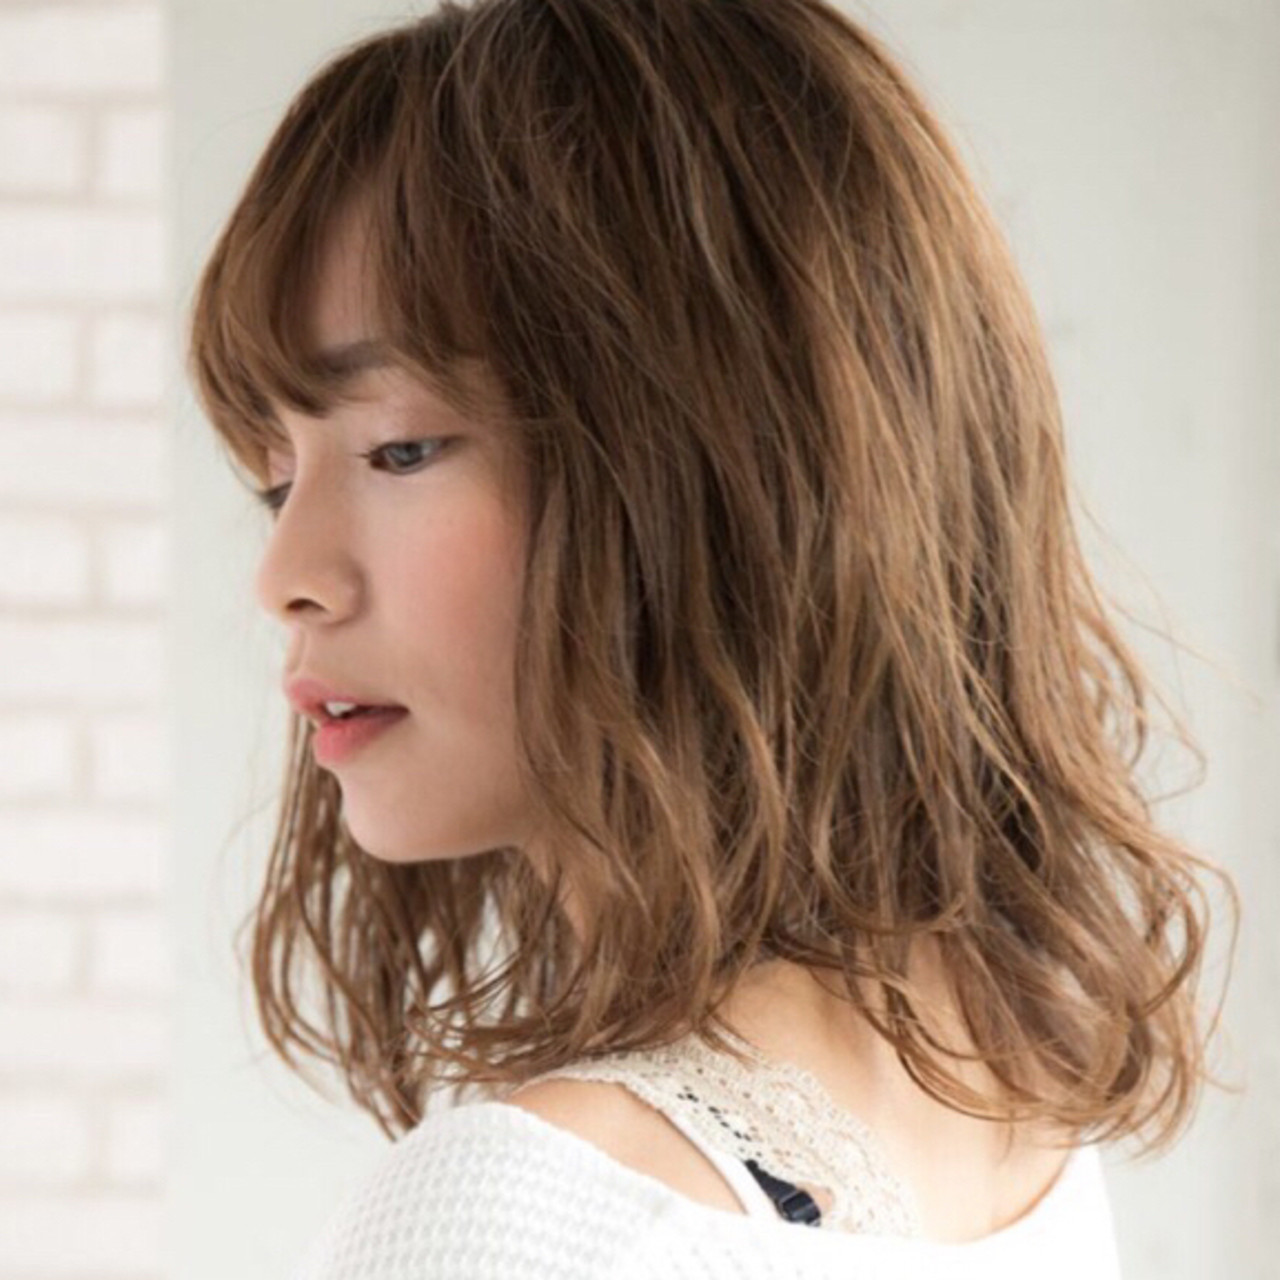 大人かわいい ミディアム アンニュイほつれヘア デジタルパーマ ヘアスタイルや髪型の写真・画像